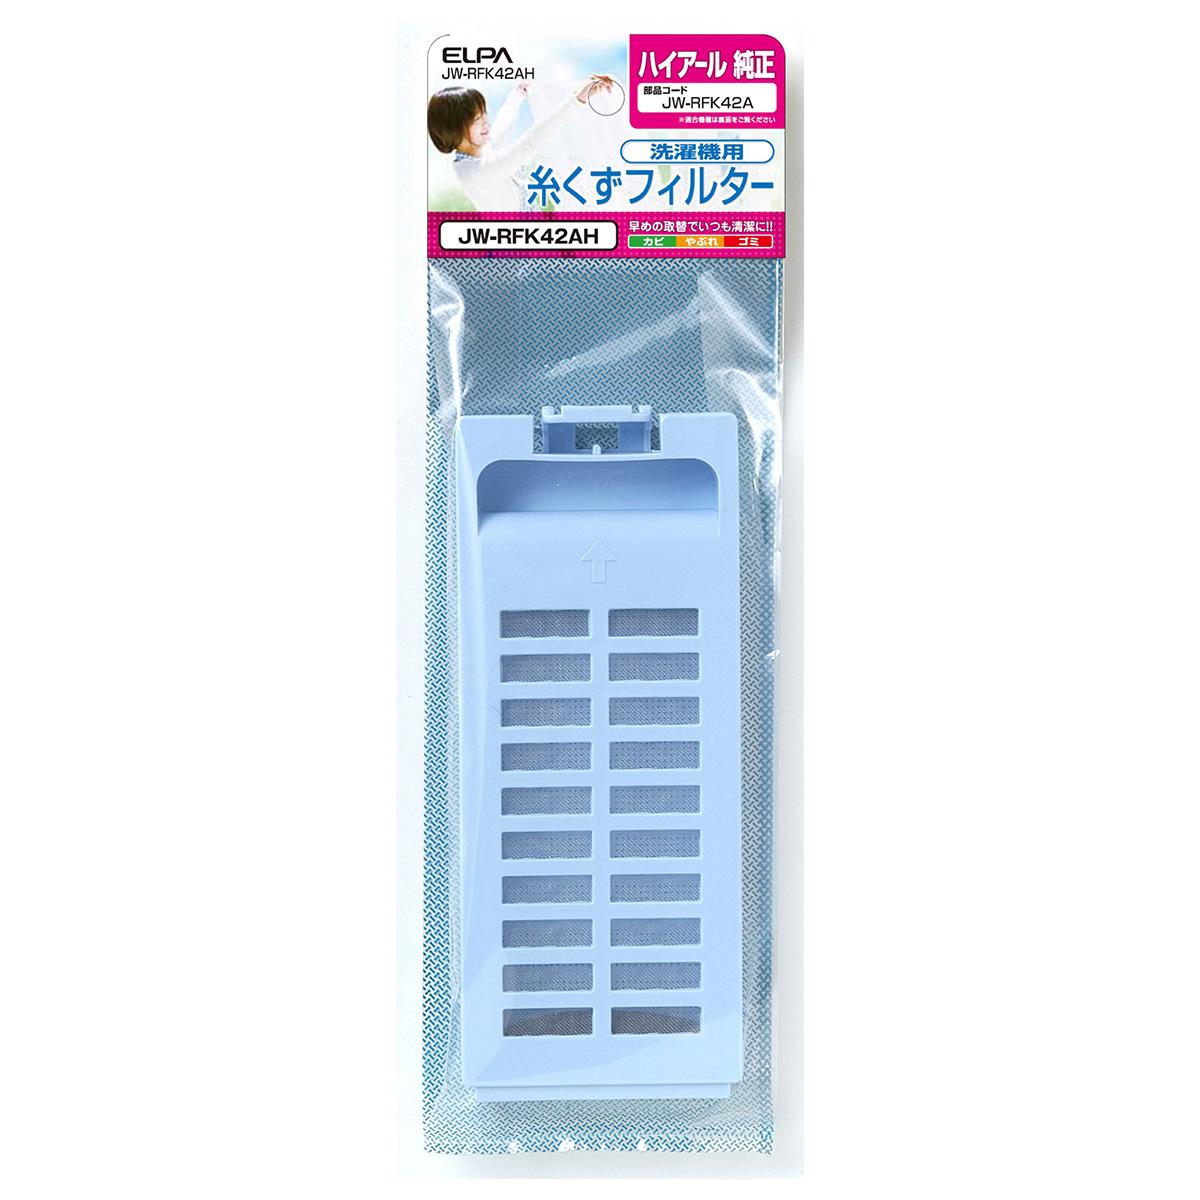 ハイアール洗濯機用 糸くずフィルター JW-RFK42AH/洗濯機のごみ取りネット Haier 交換用糸くずネット リントフィルター 付け替え用/ELPA